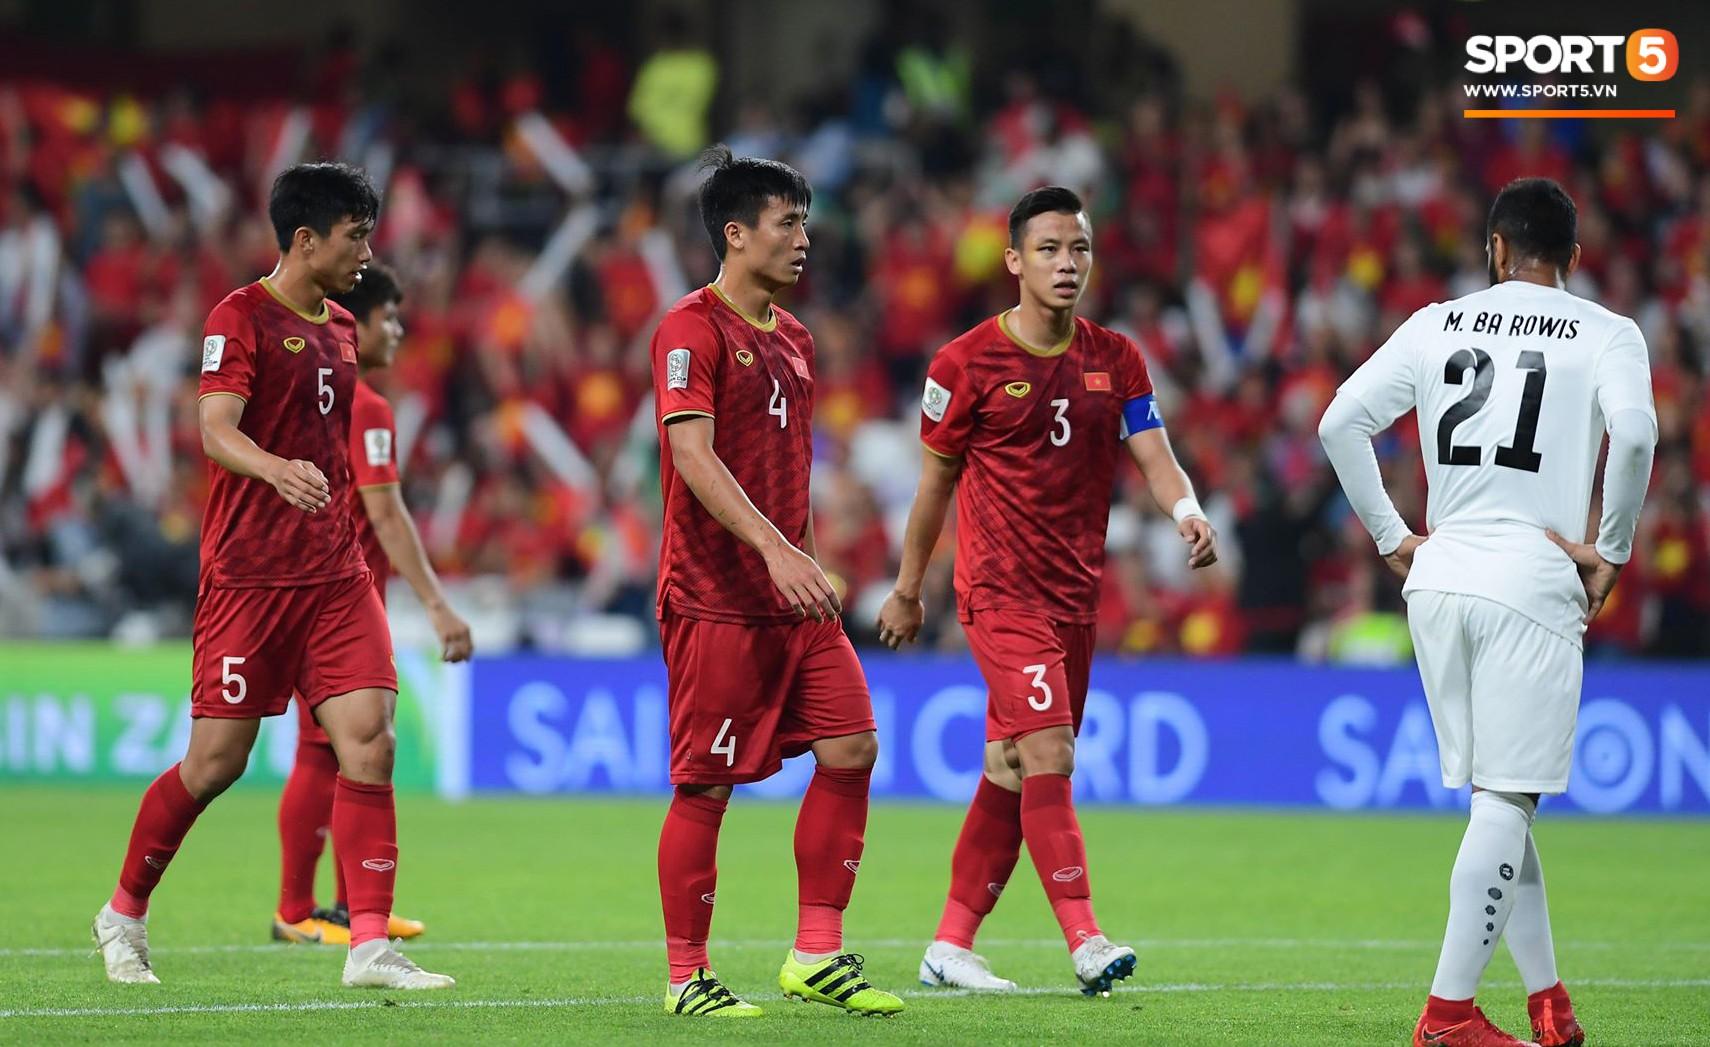 Quang Hải ăn mừng cực nhiệt khi tái hiện siêu phẩm cầu vồng tại Asian Cup 2019-9